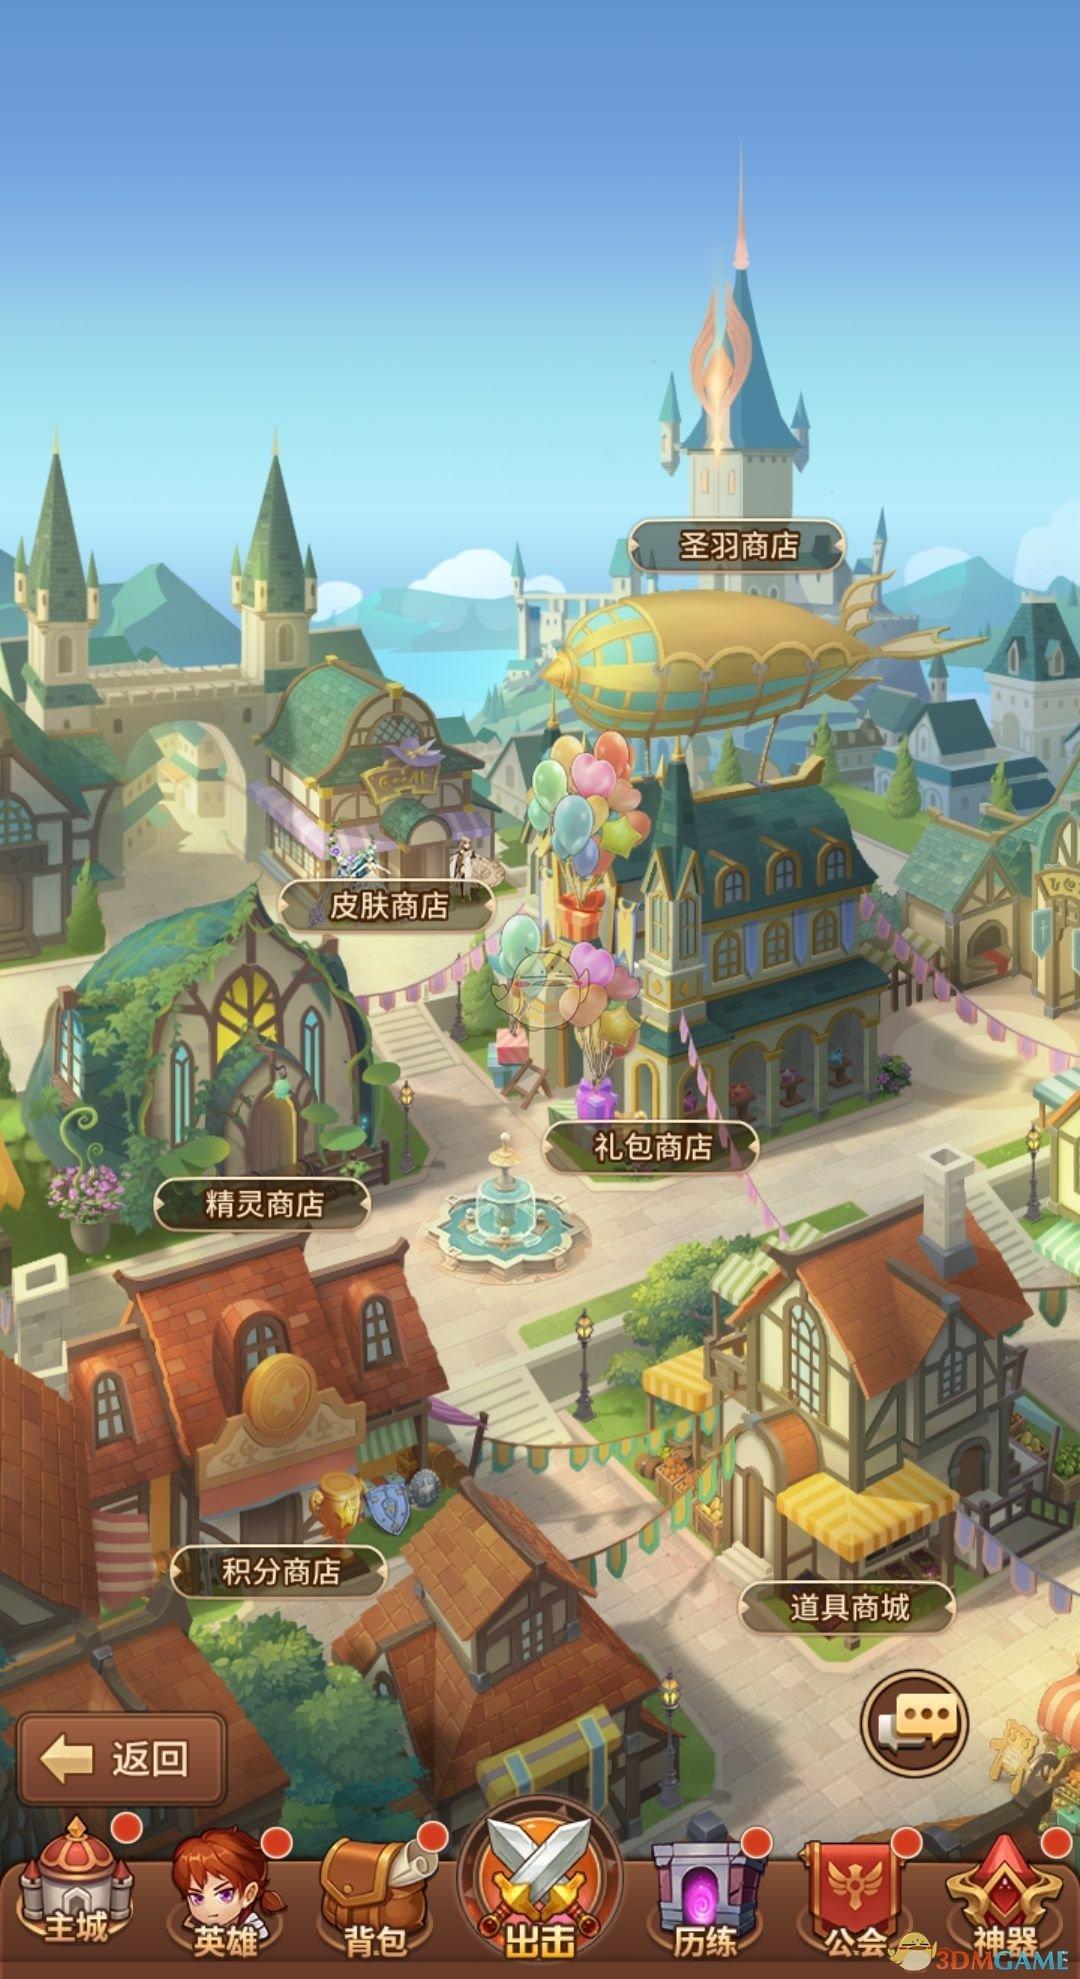 《闪烁之光》新功能商业街位置介绍